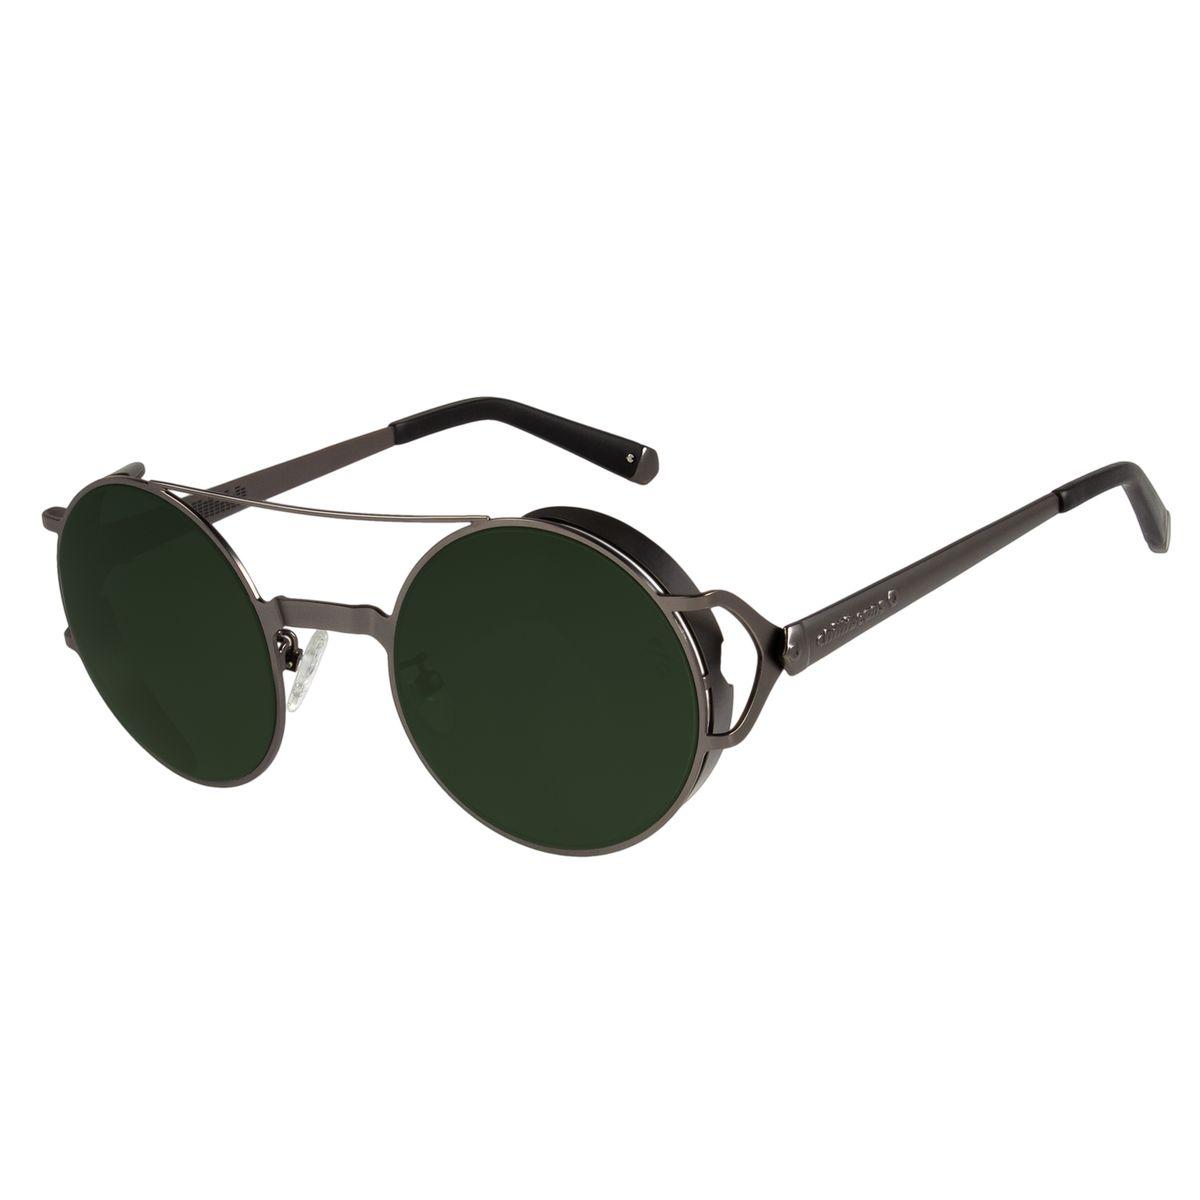 e8affe8b4 Óculos de Sol Unissex Alok Verde 2295 - Chilli Beans